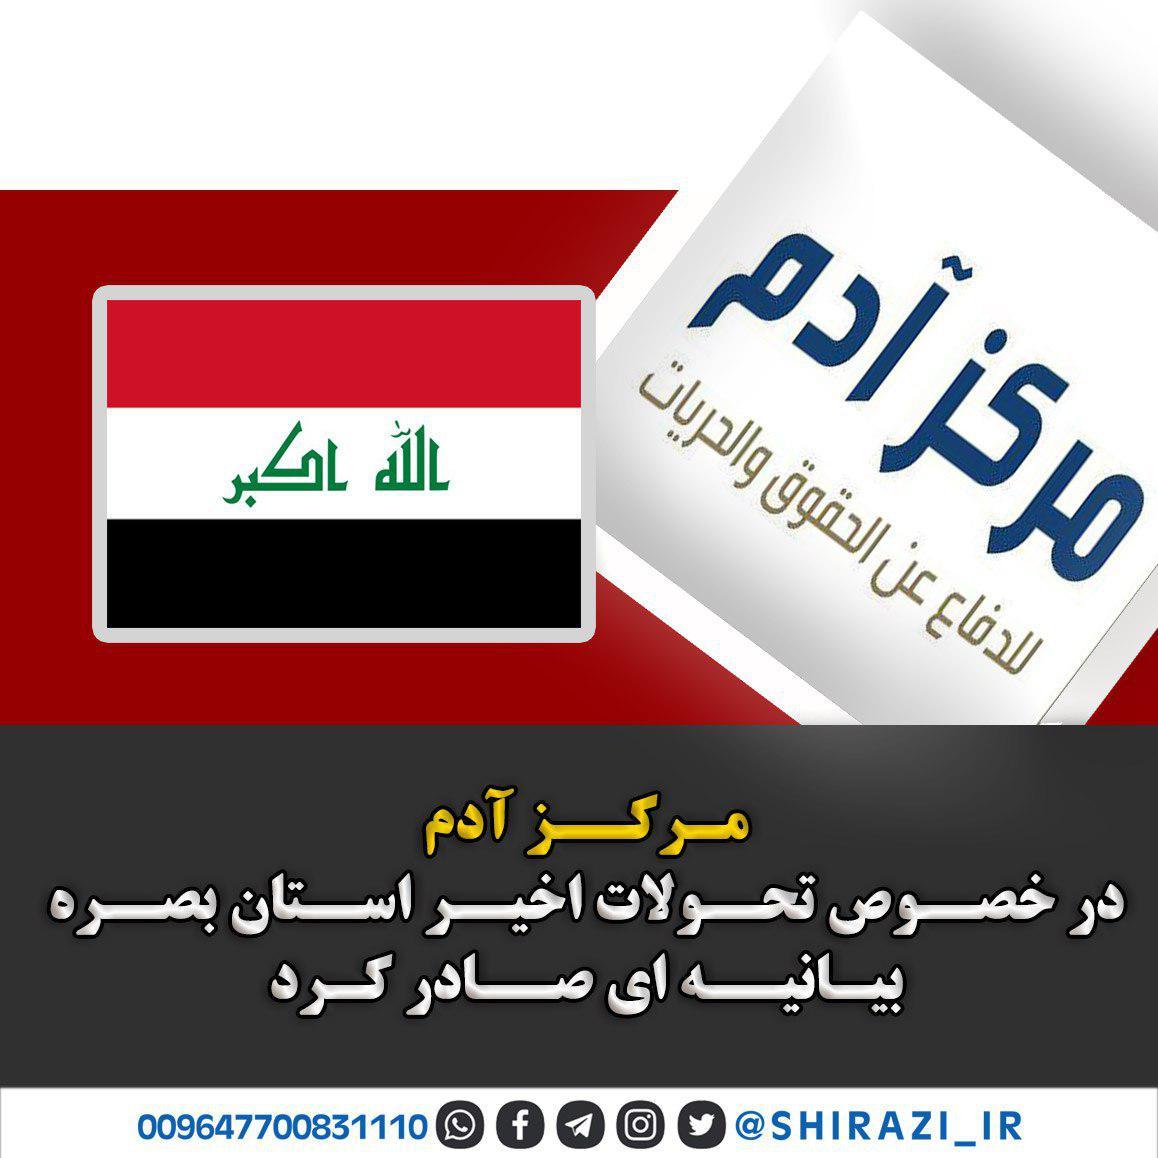 تصویر مرکز آدم: آب شرب حق مسلم مردم بصره است